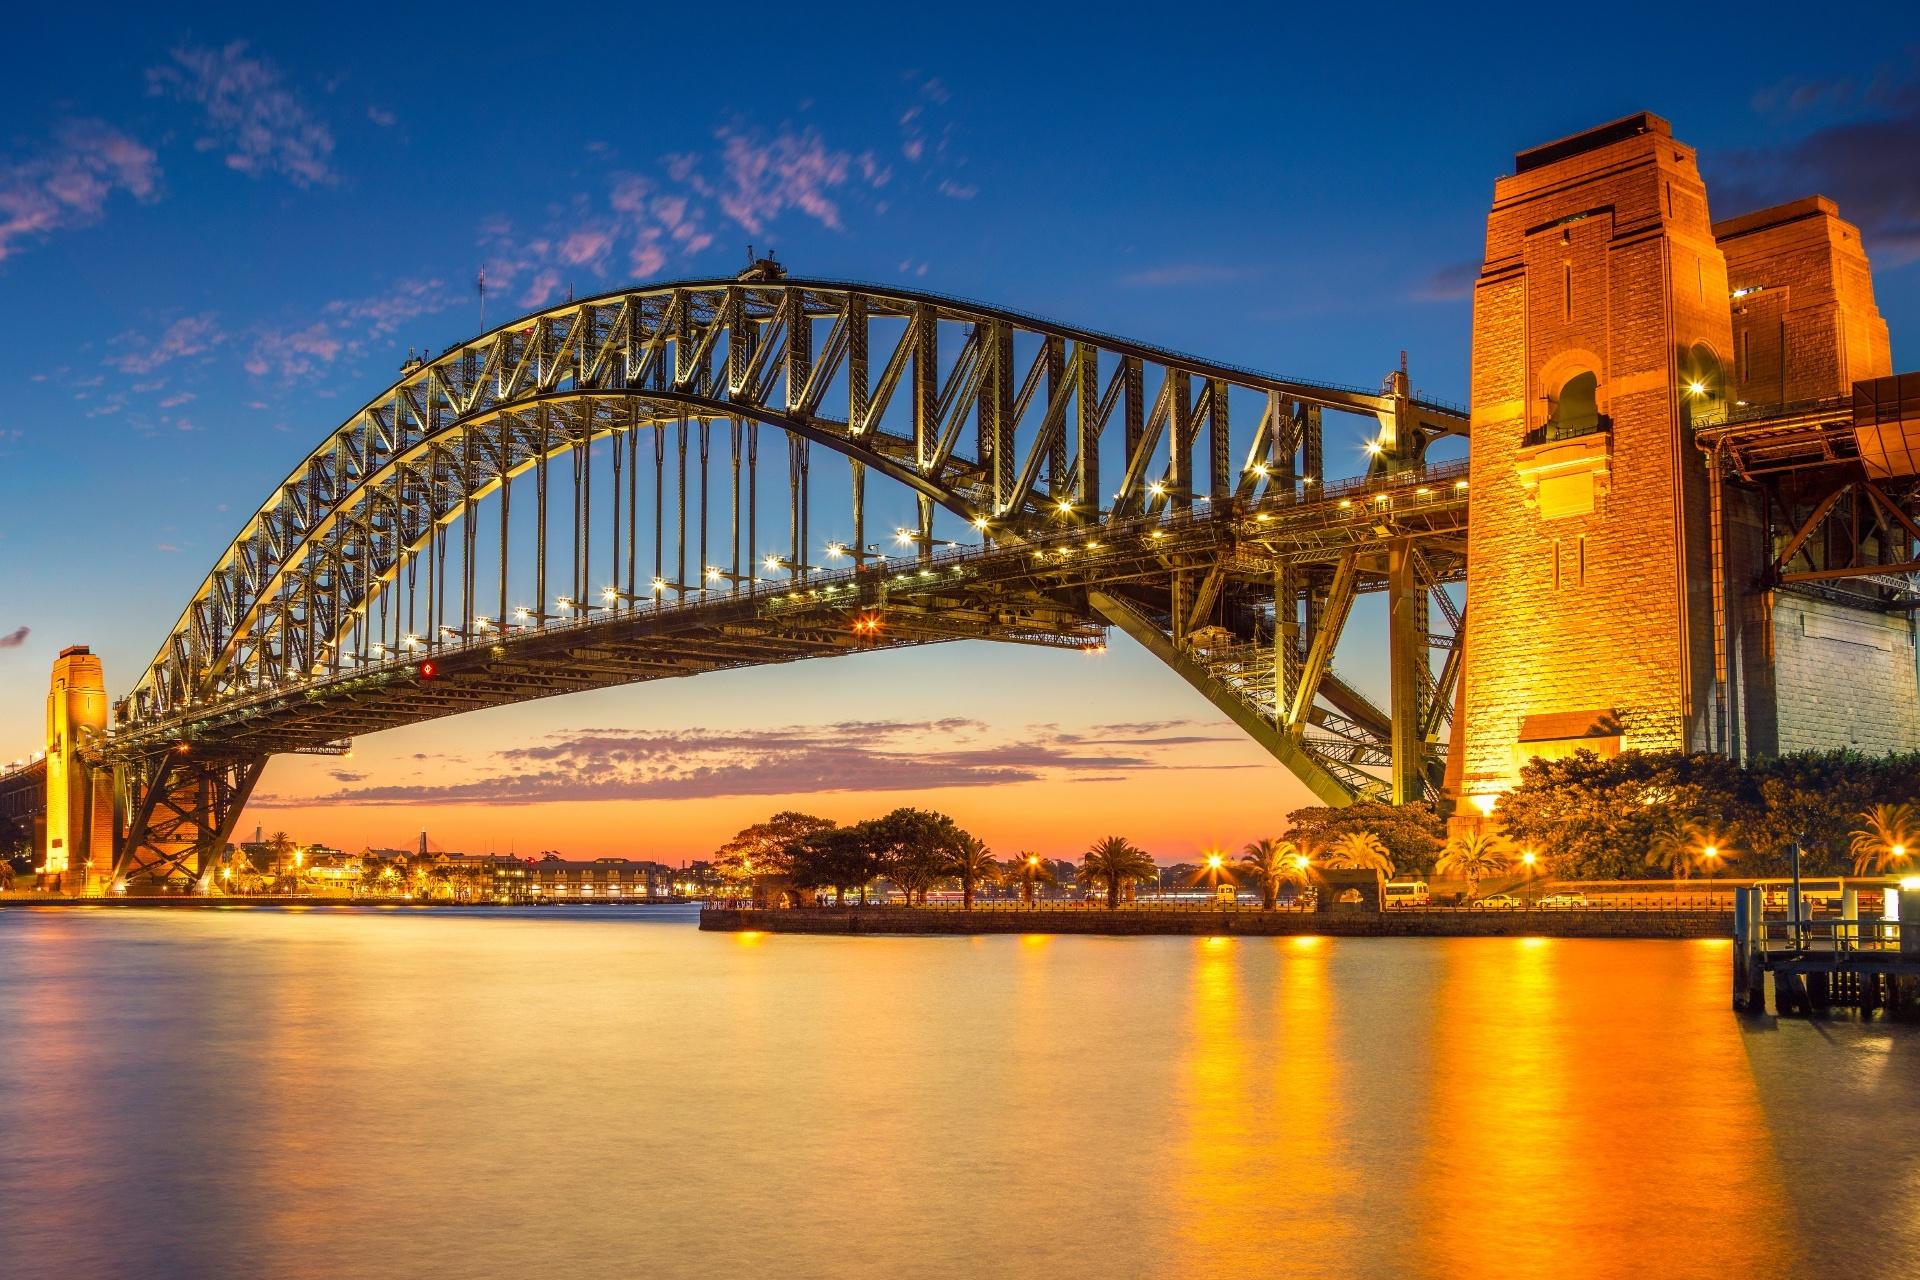 シドニーの夕暮れの風景 オーストラリアの風景